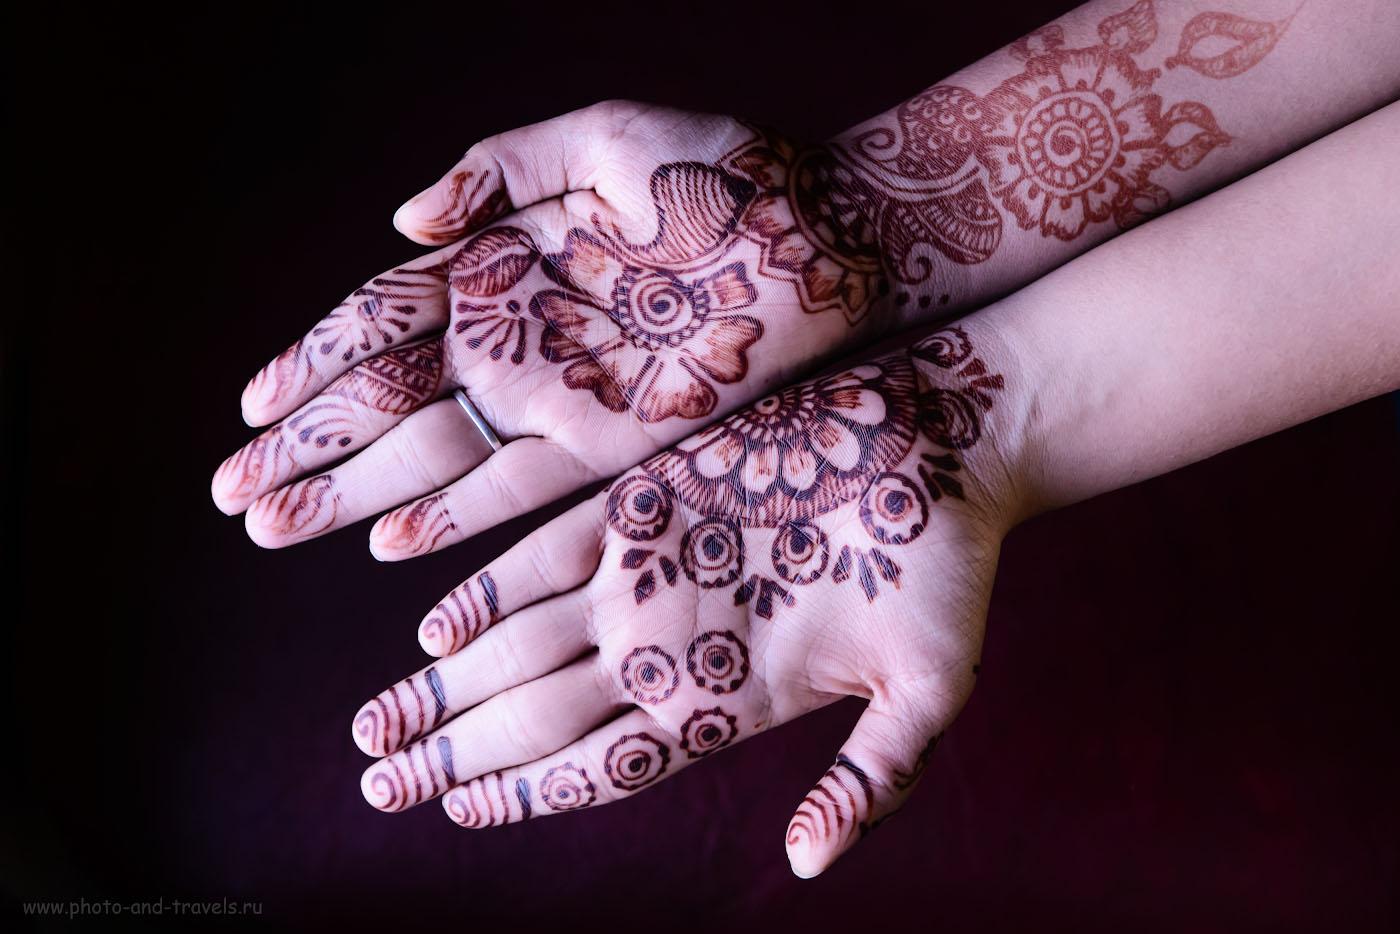 Снимок 39. Менди – так называется рисунок на руках хной в Индии. Отзывы об отдыхе в феврале. 1/160, 5.0, 6400, 60.